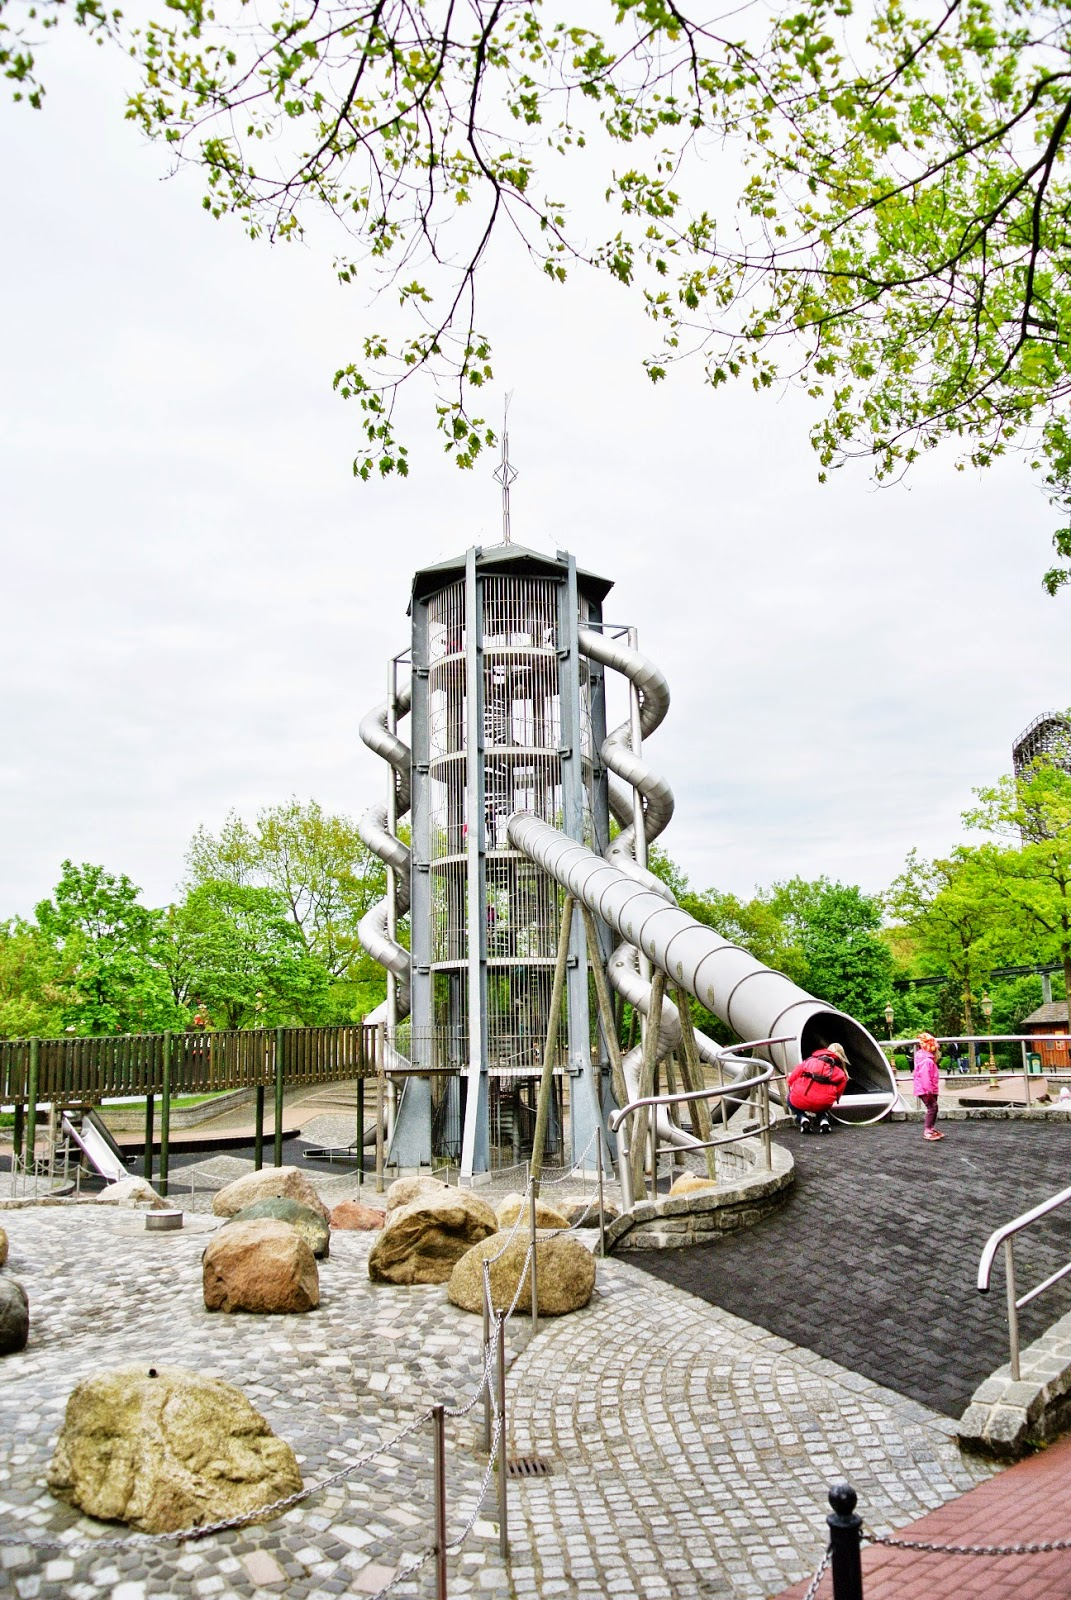 Długie ślizgawki,zjeżdżalnia w Heide Parku